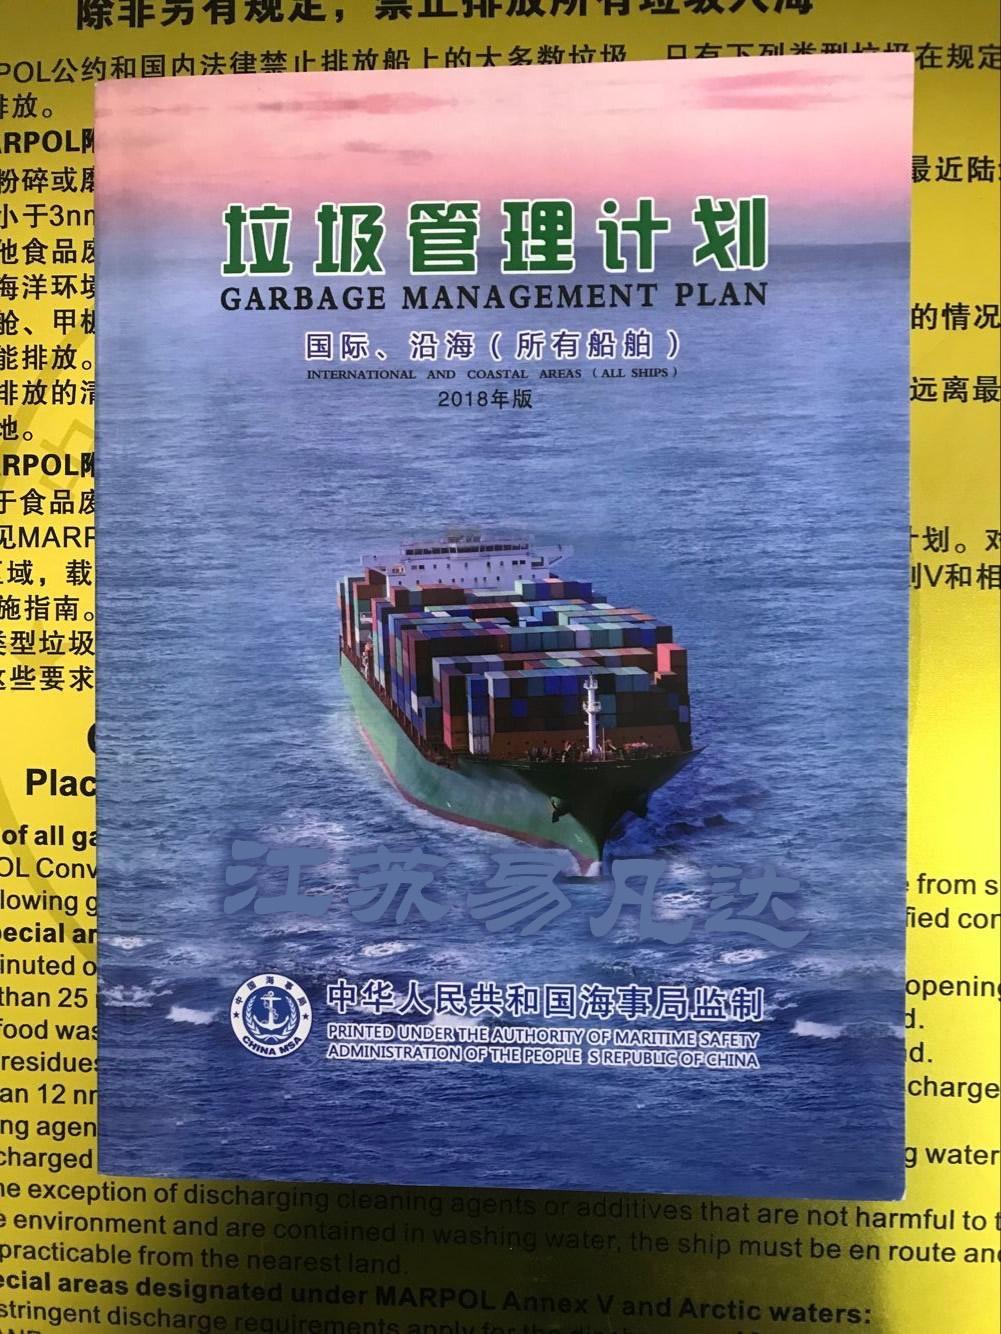 2018新版船用垃圾管理计划(国际沿海所有船舶适)